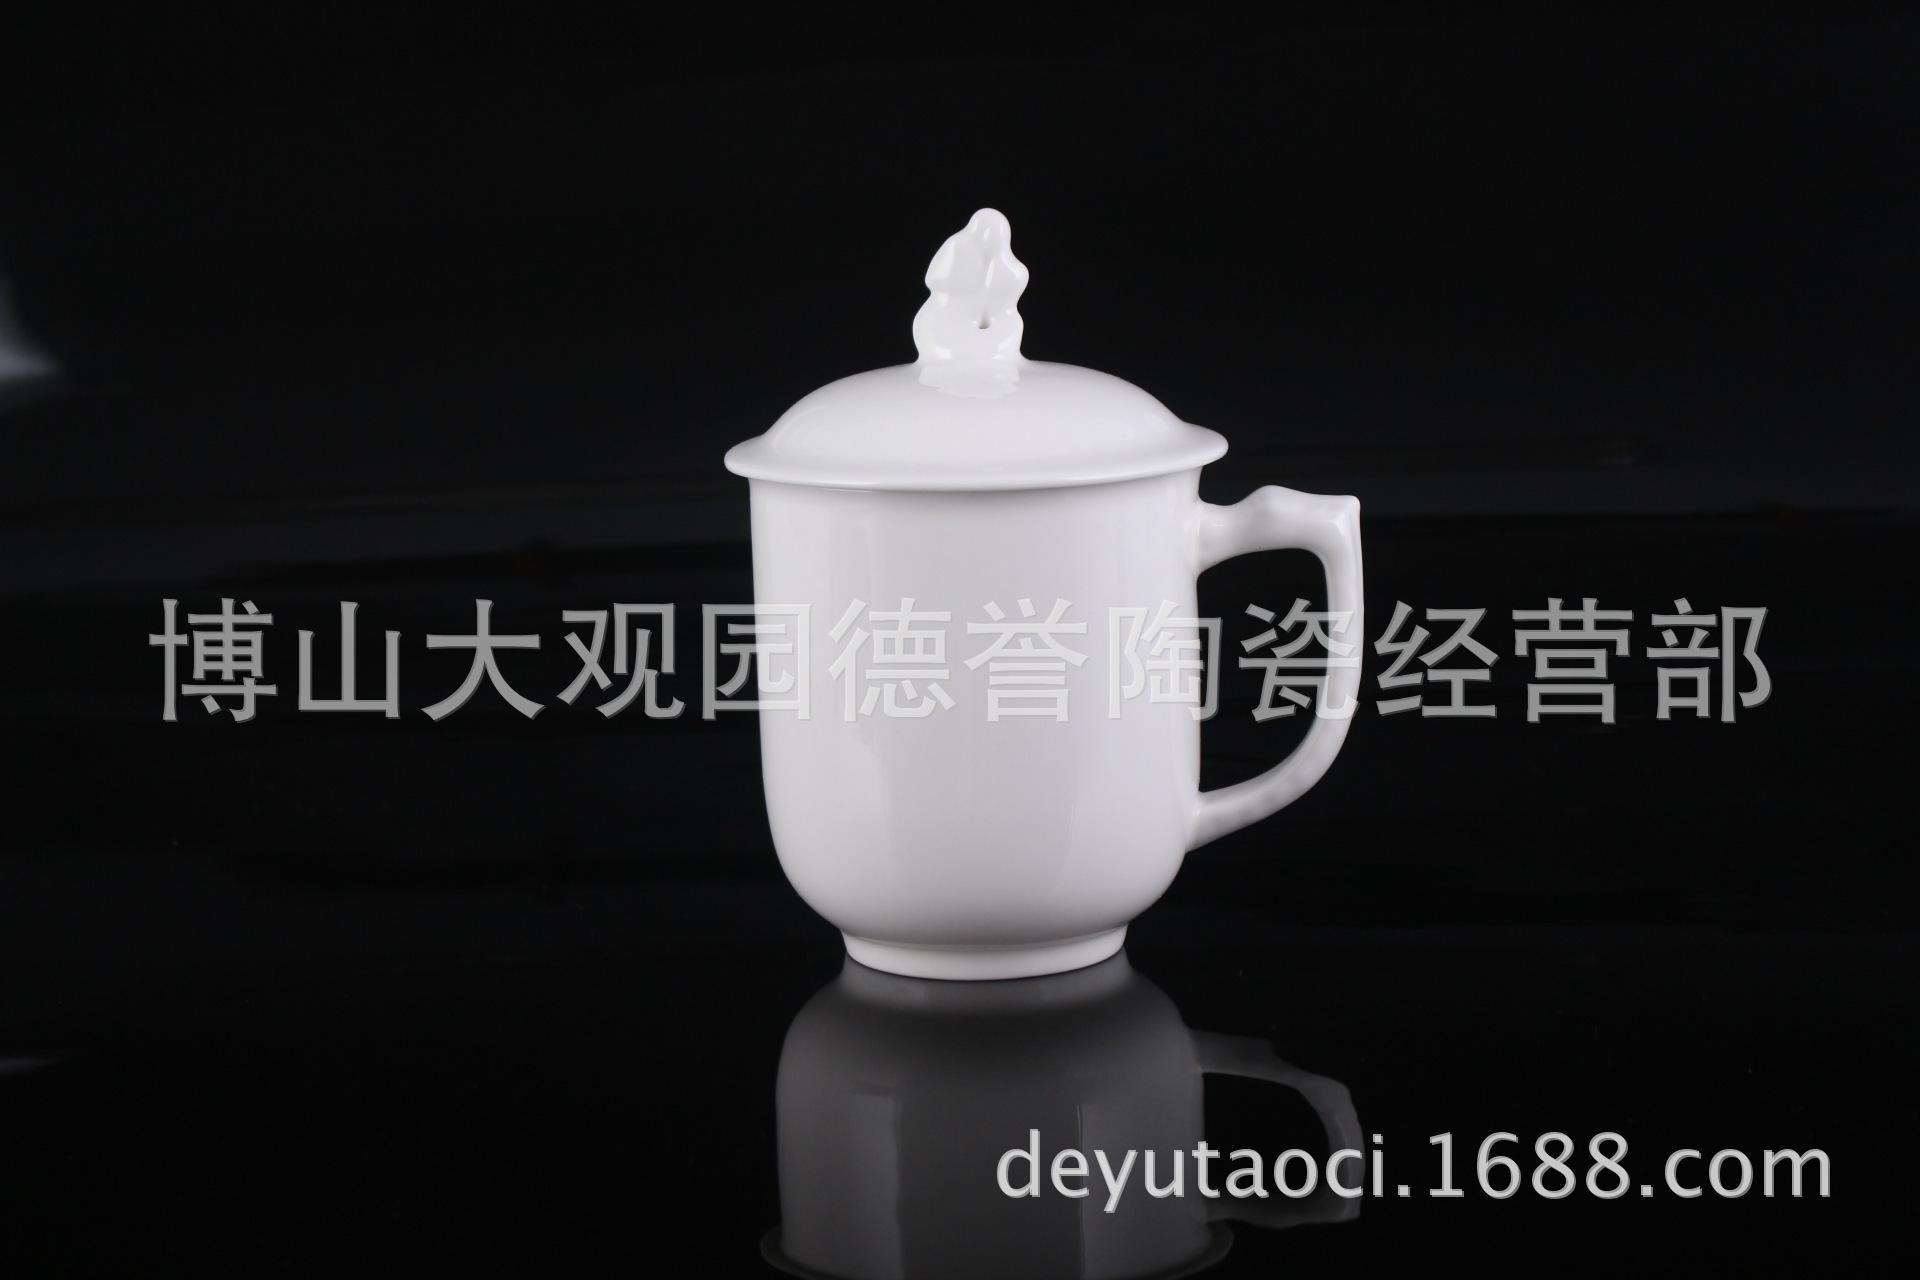 杯子 陶瓷杯咖啡杯马克杯定制LOGO 厂家批发 可定制